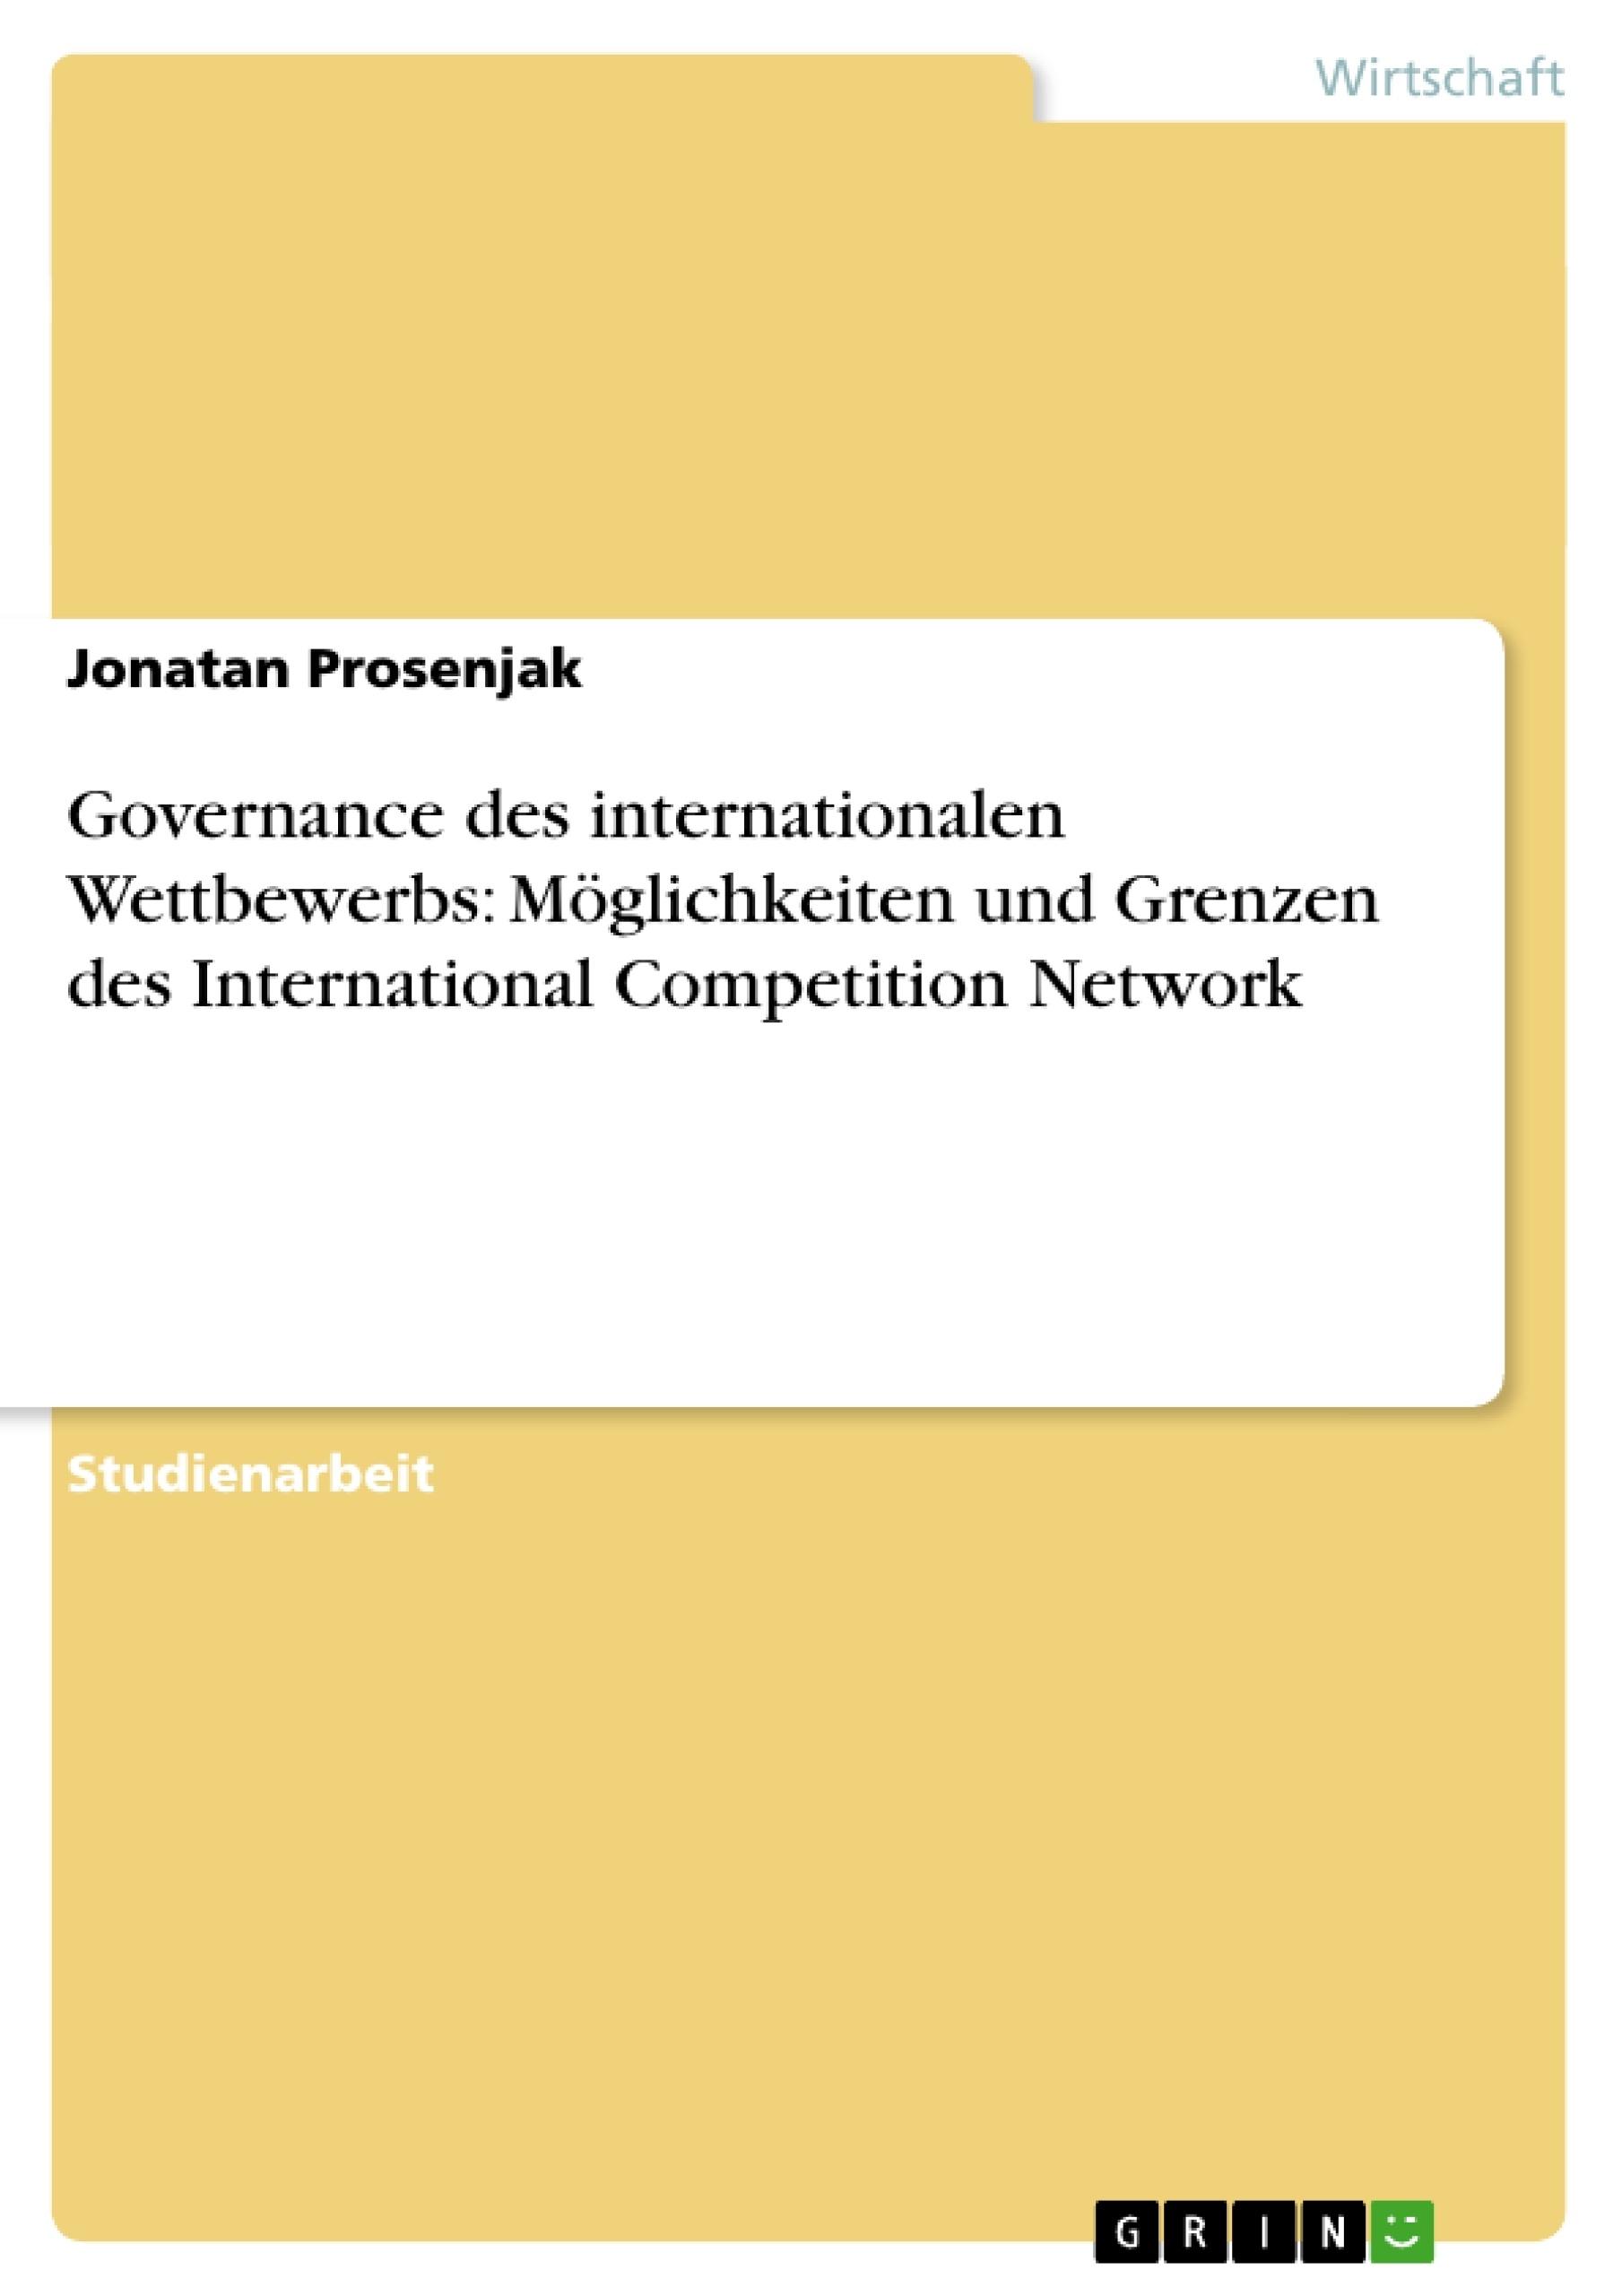 Titel: Governance des internationalen Wettbewerbs: Möglichkeiten und Grenzen des International Competition Network